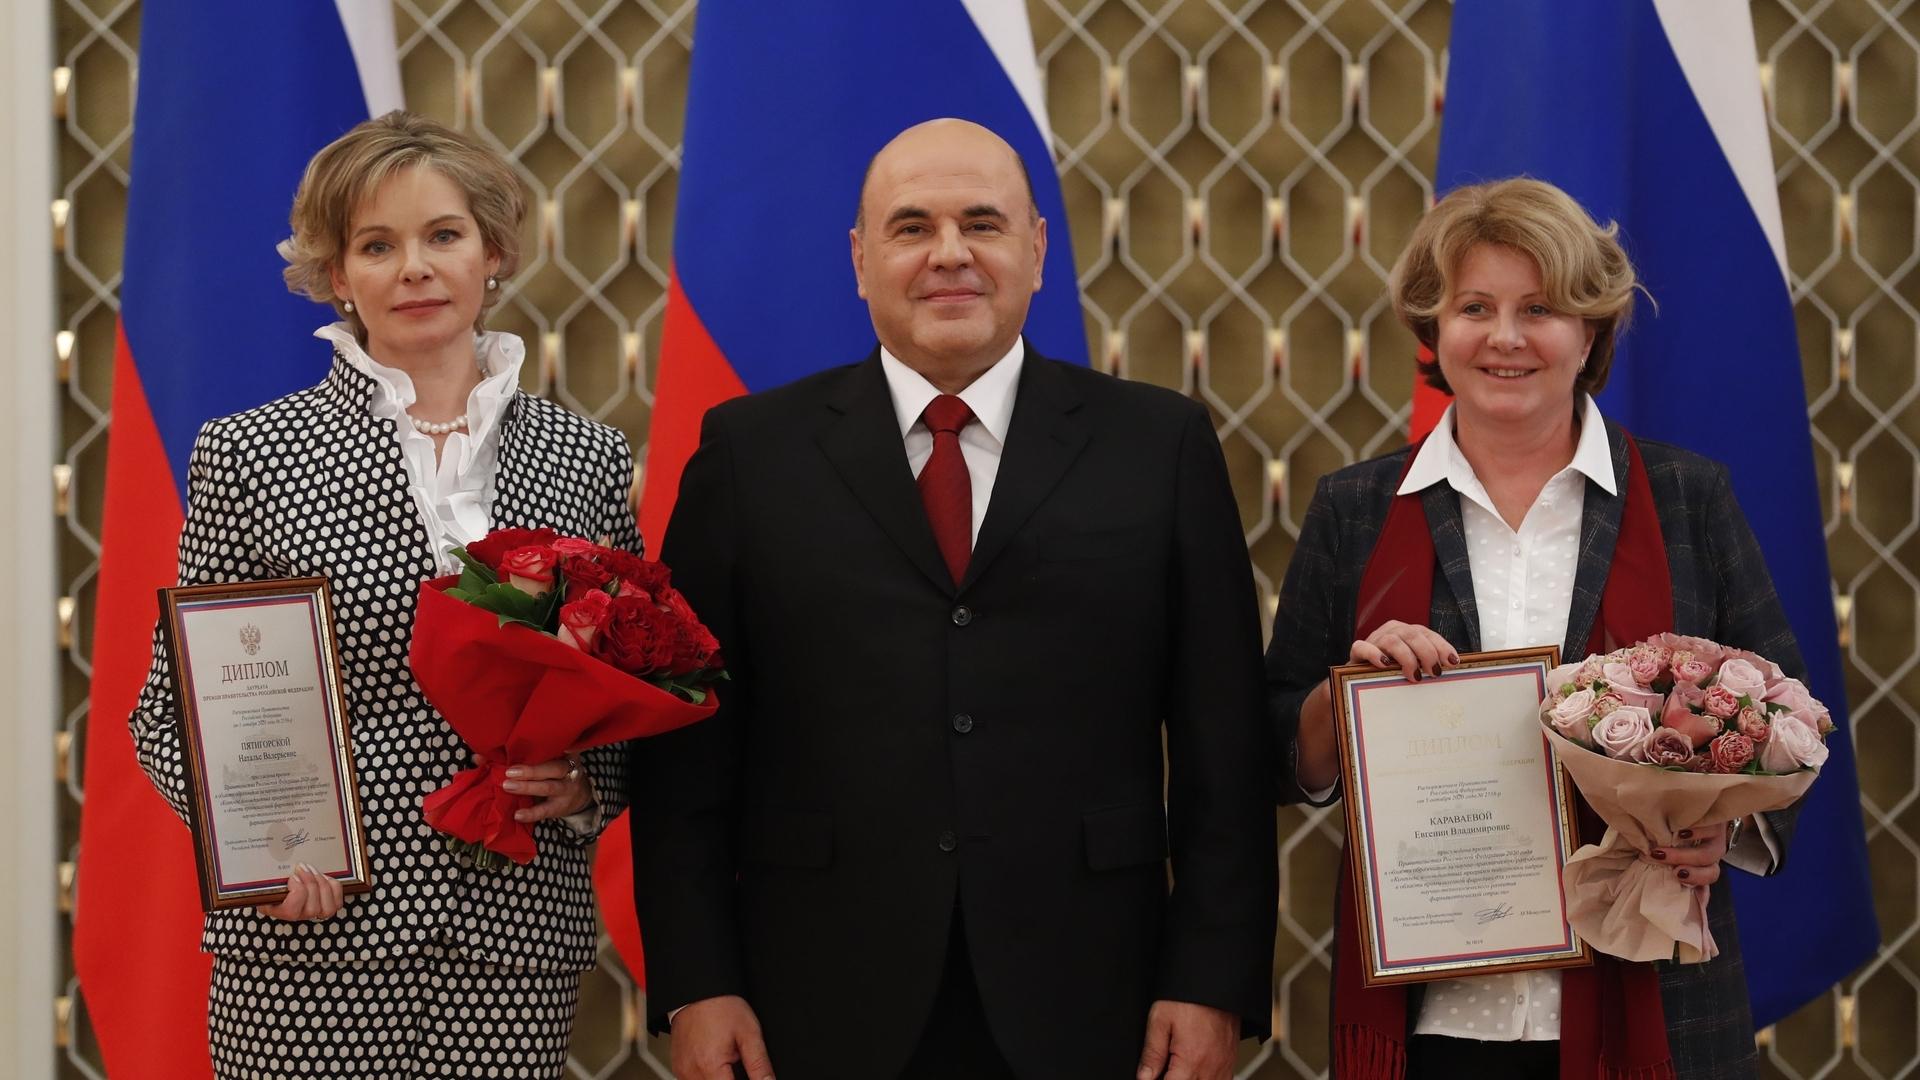 Михаил Мишустин вручил премии Правительства за 2020 год в области образования